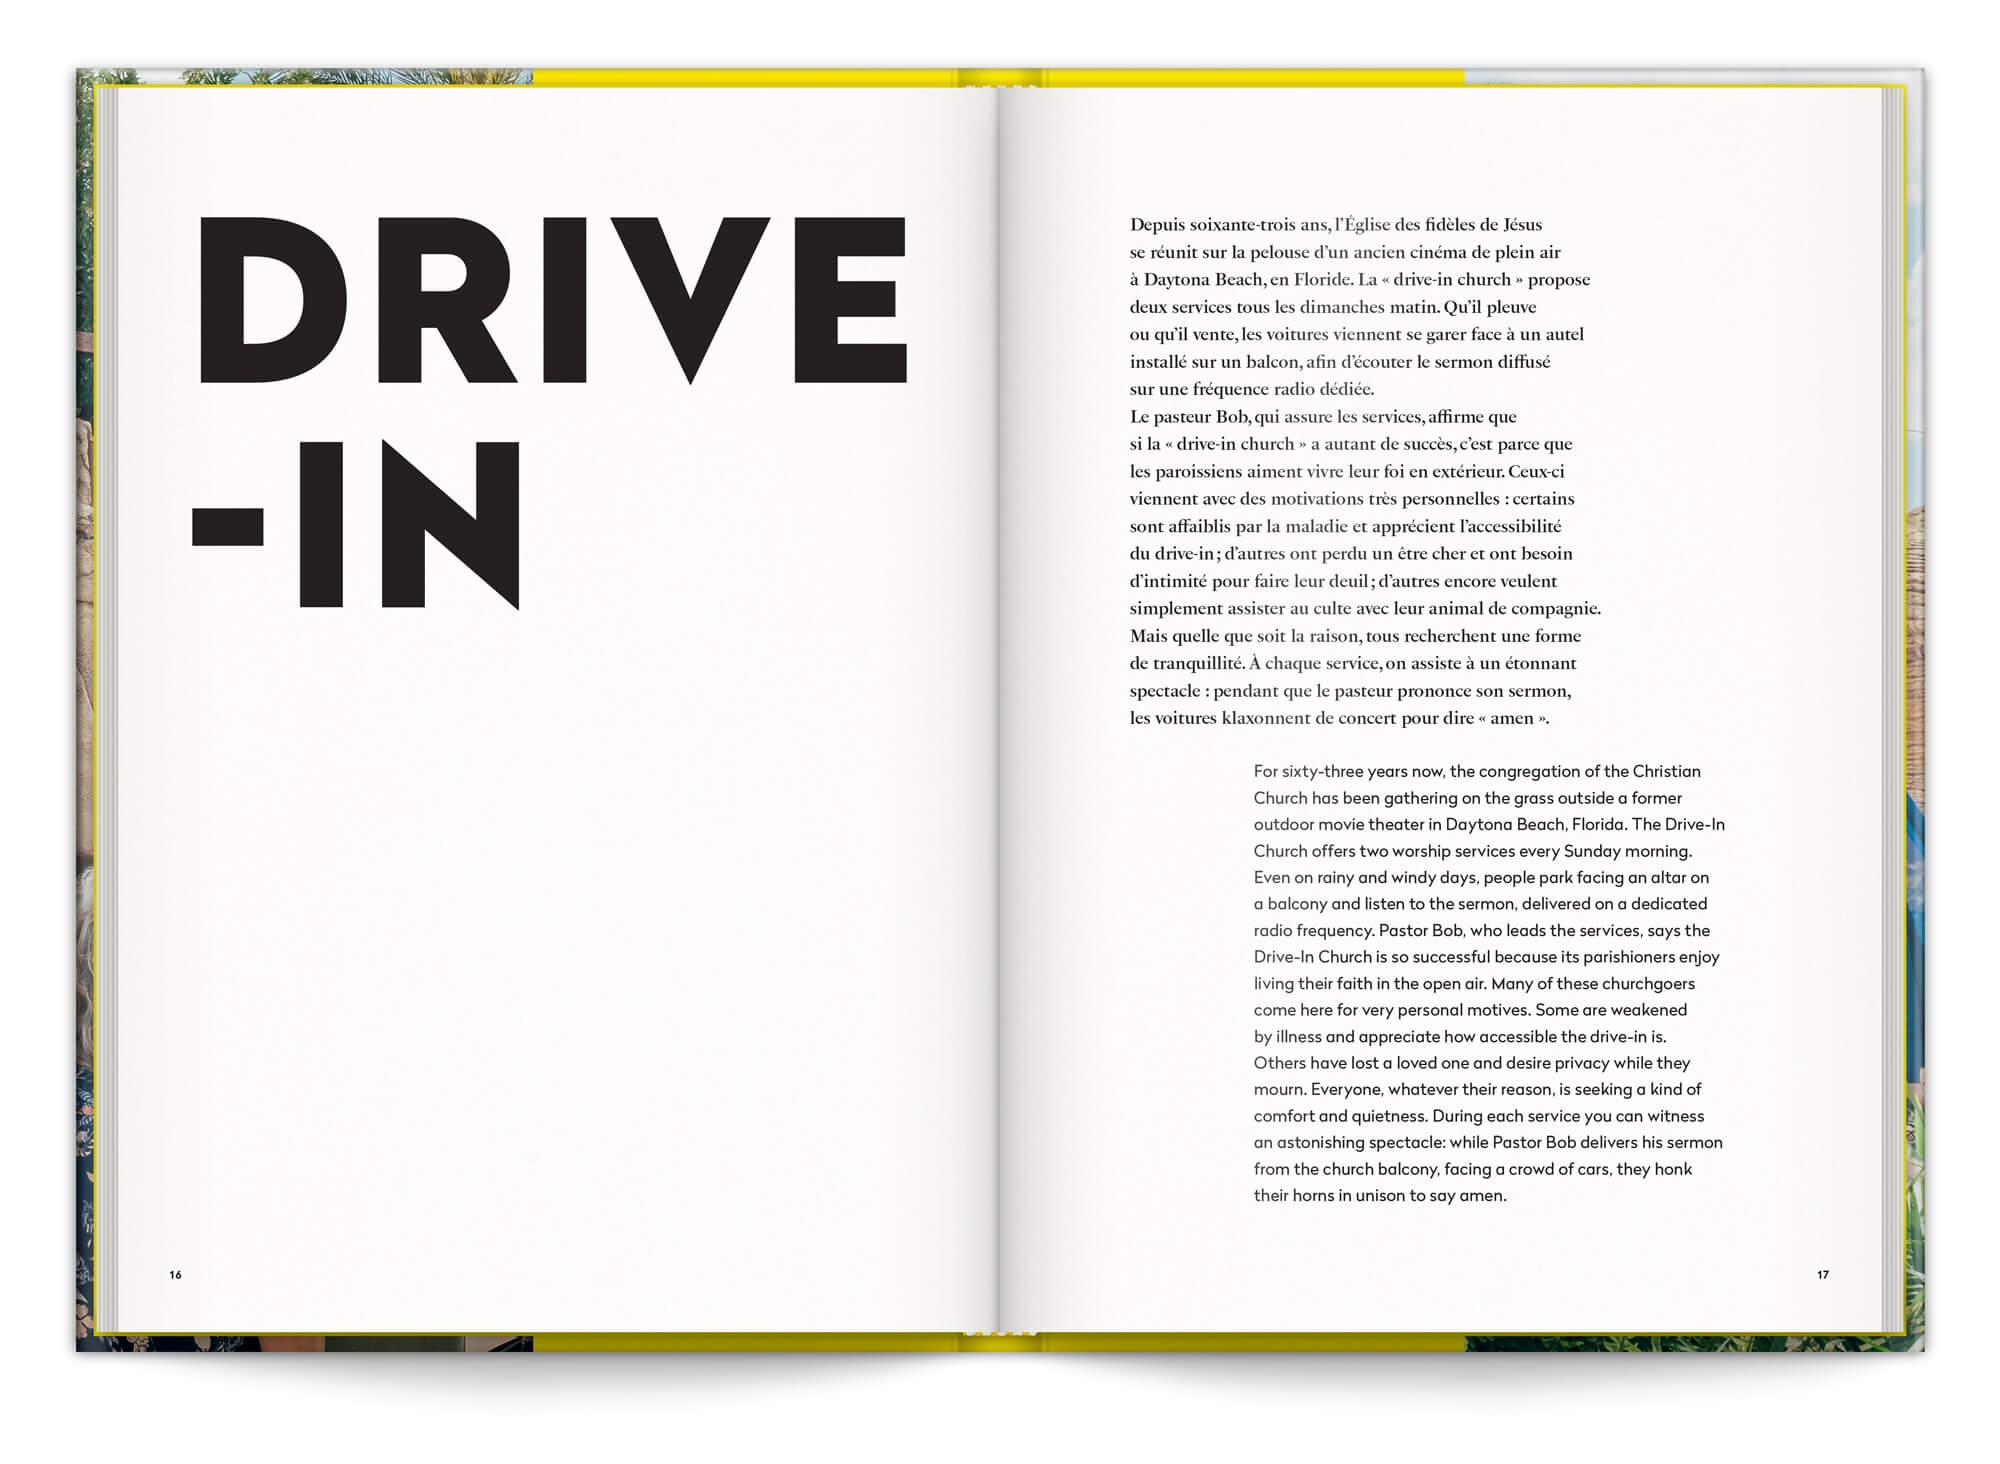 Page d'introduction de la série de photo Drive In capturé par Cyril Abad, graphisme IchetKar